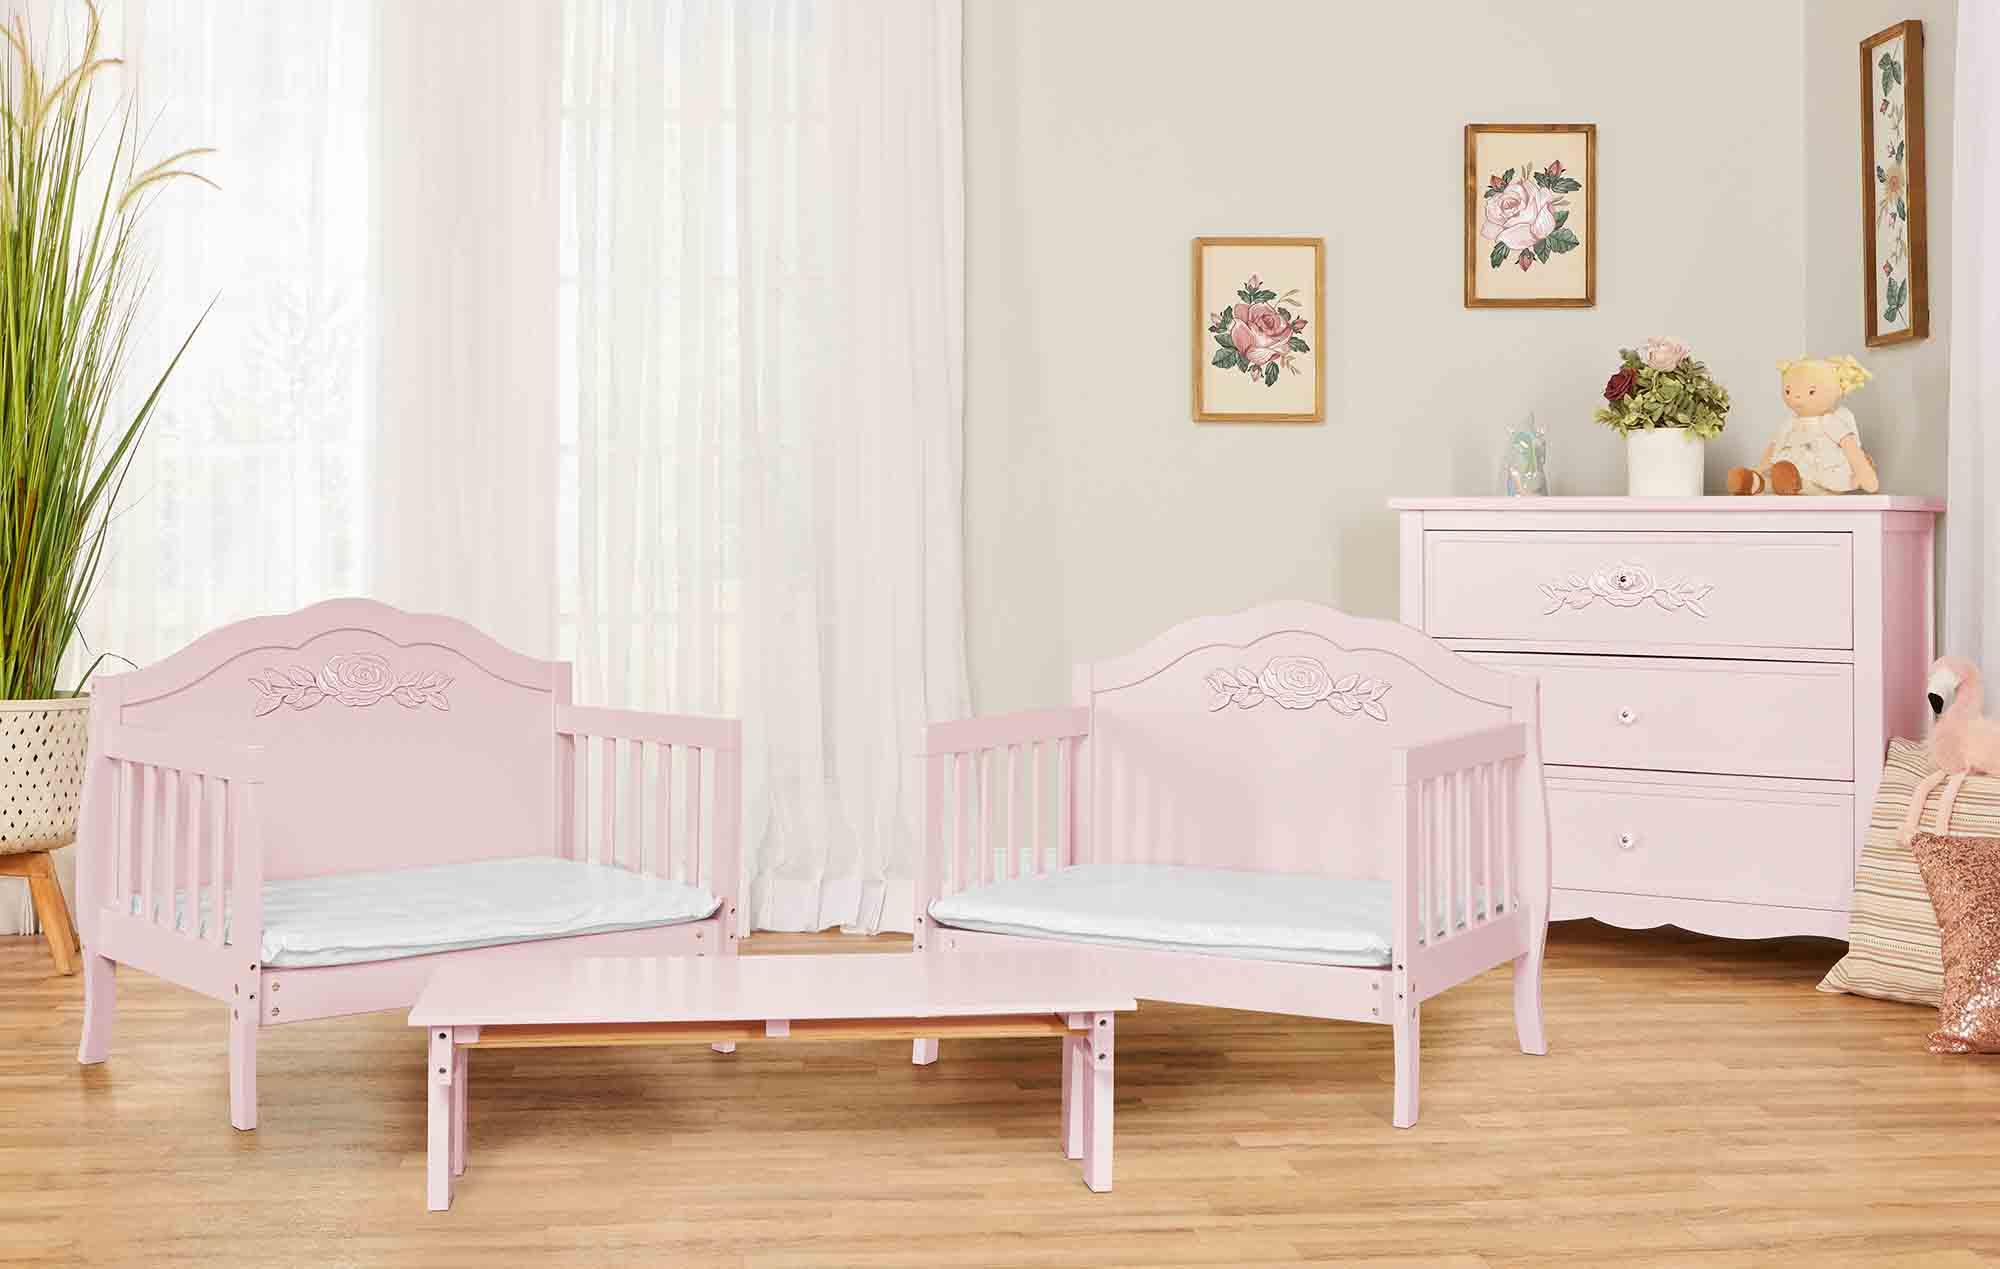 640_BLUSH Rose Toddler Bed RmScene 01